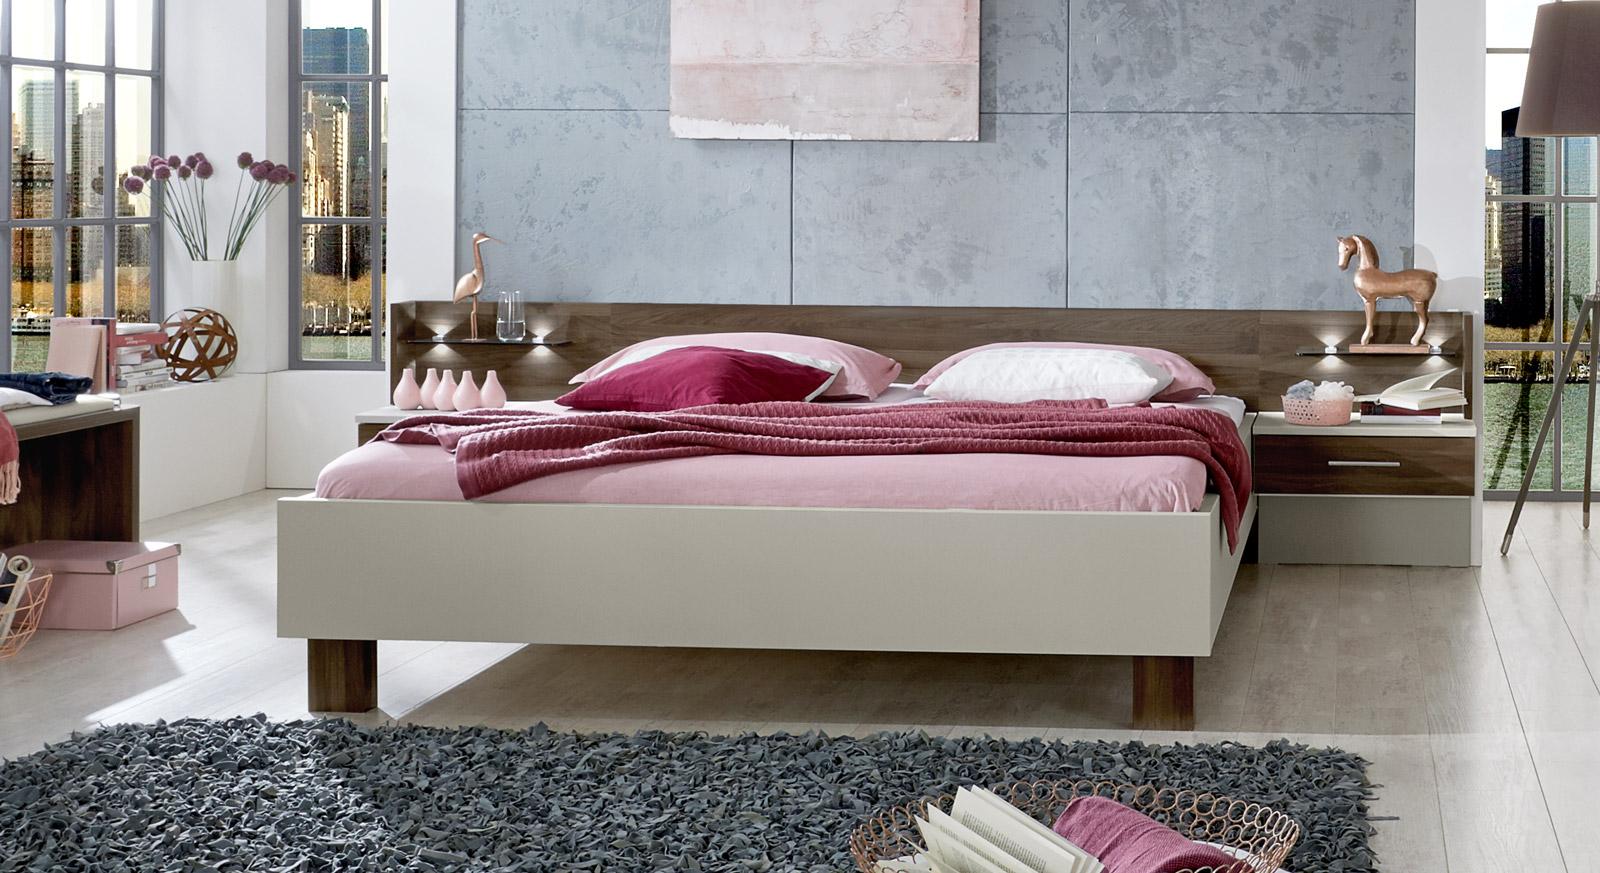 bett modern design bilder das wirklich sch ne mobelpix. Black Bedroom Furniture Sets. Home Design Ideas